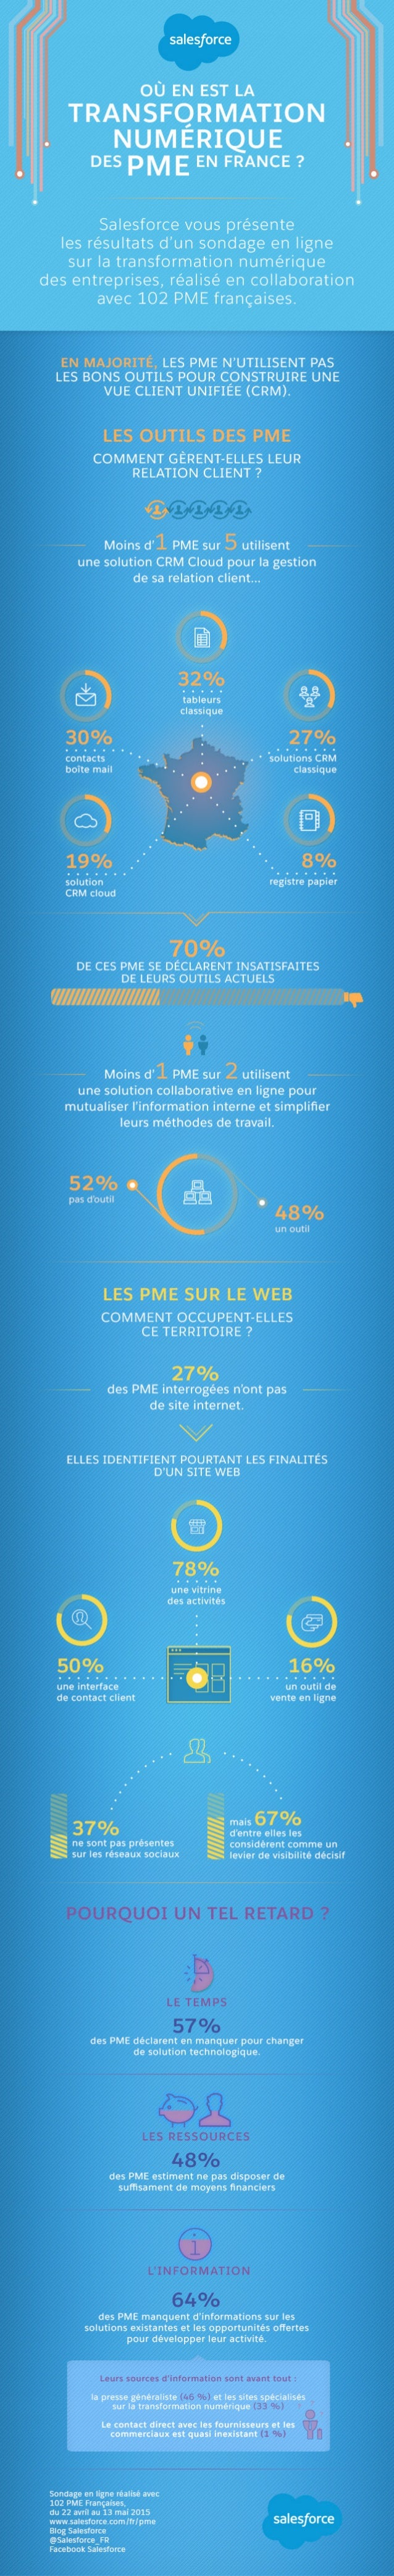 Où en est la transformation numérique des PME?